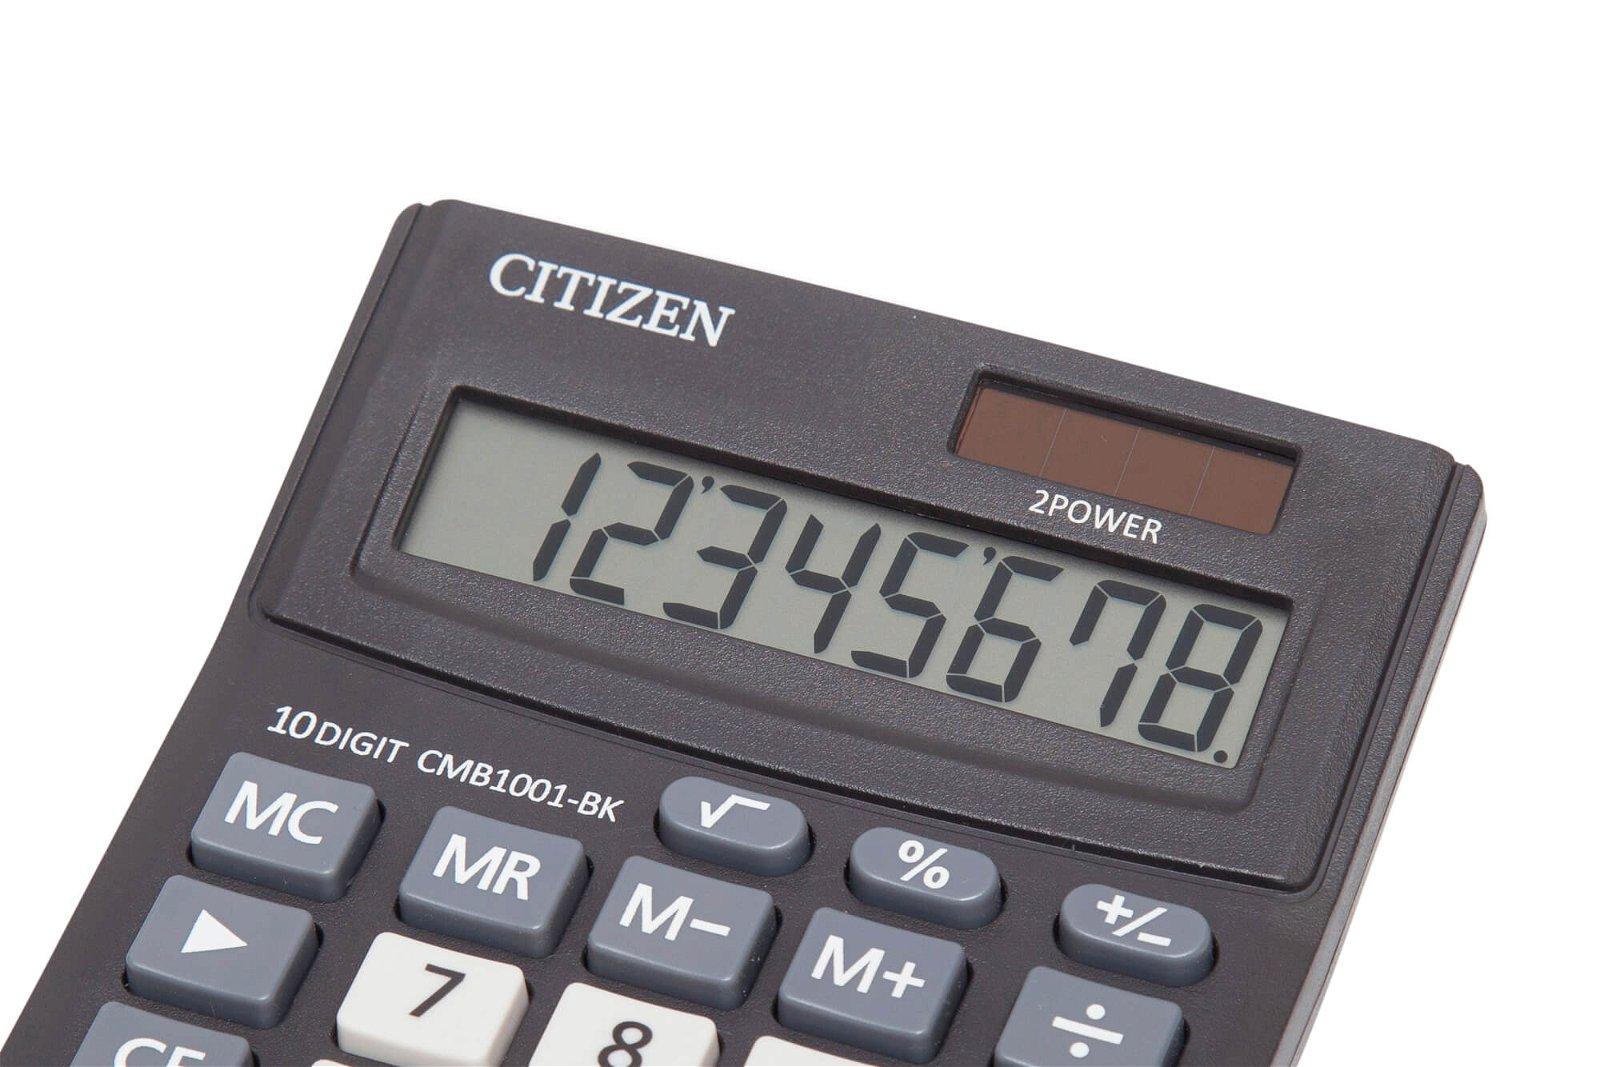 Tischrechner CMB1001-BK